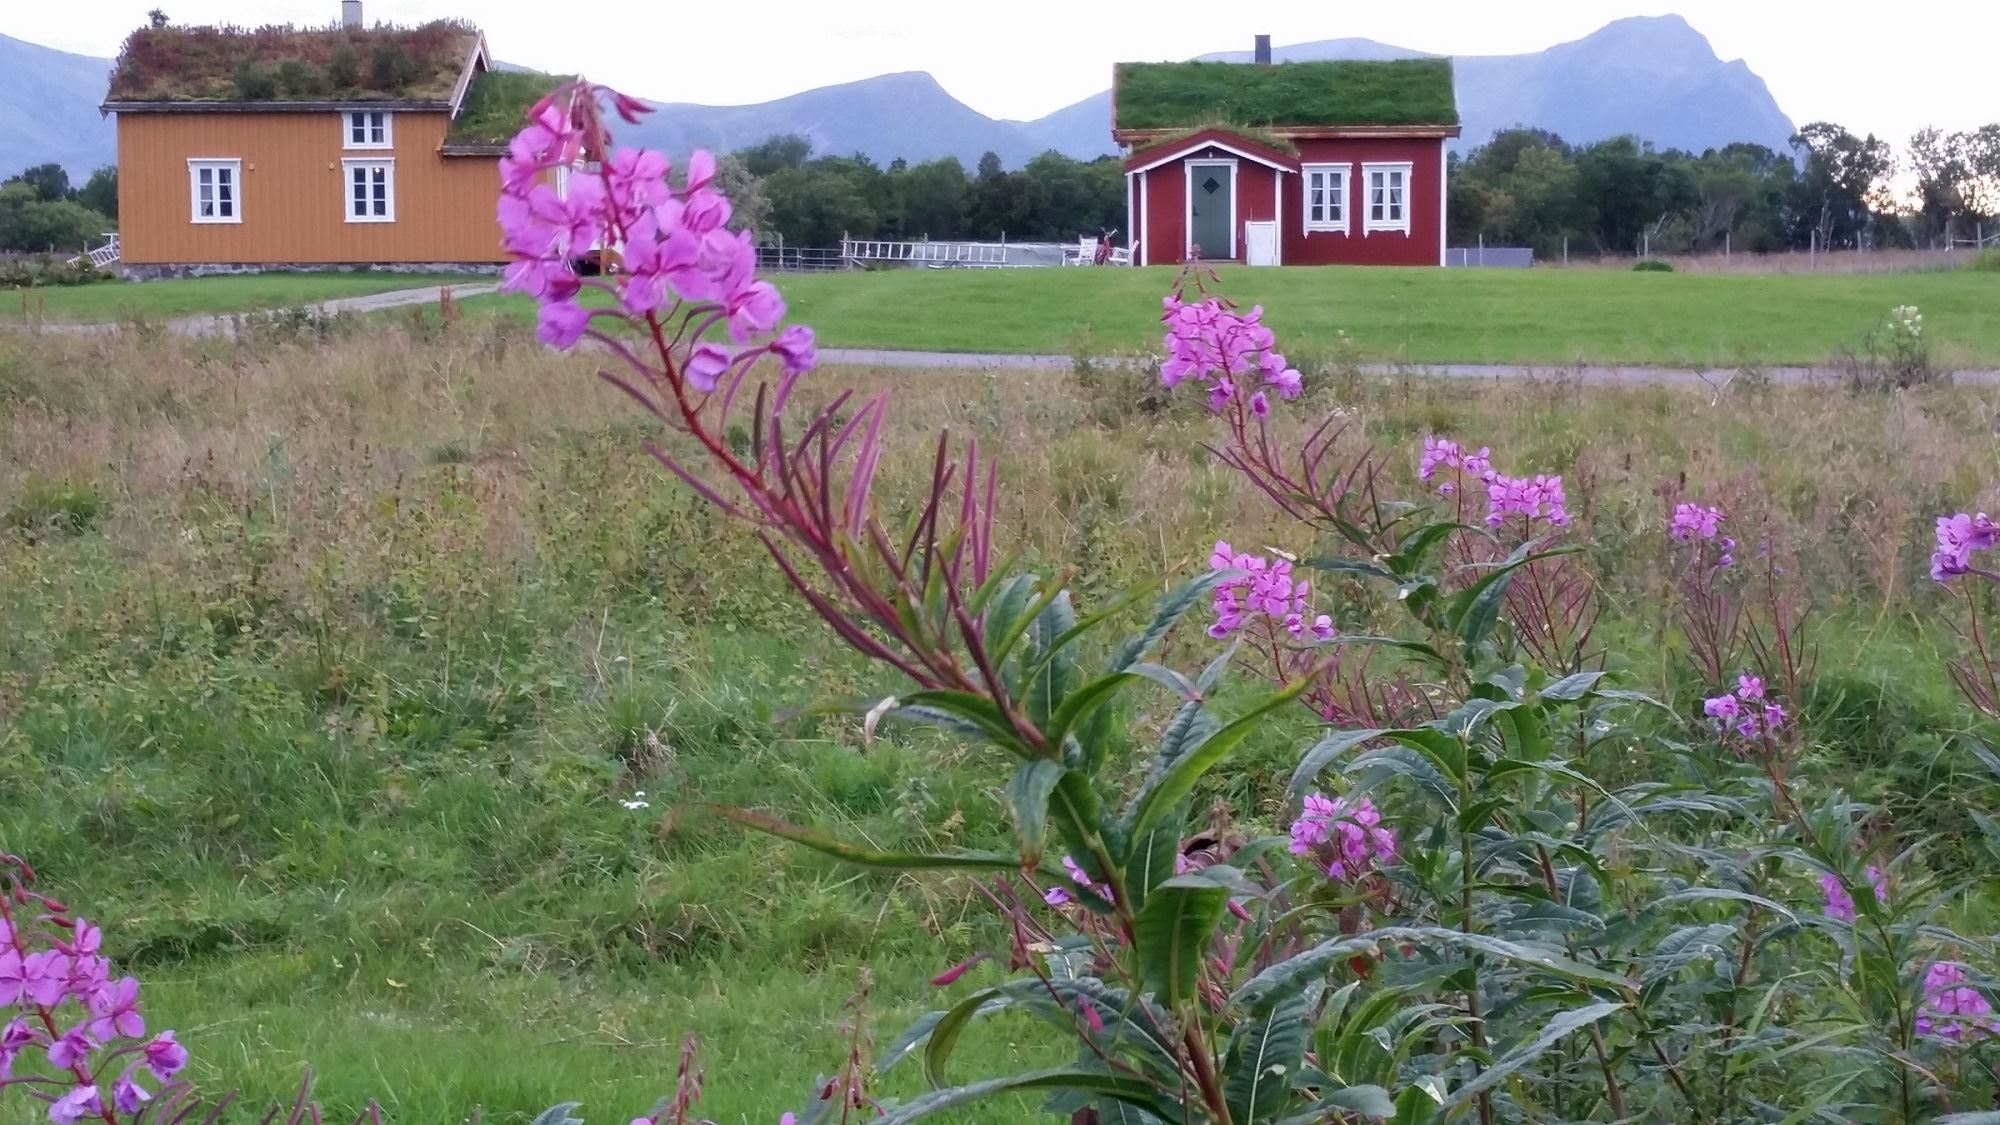 Loviktunet,  © Loviktunet, Det Røde Hus, Lovik, Andøy,Vesterålen